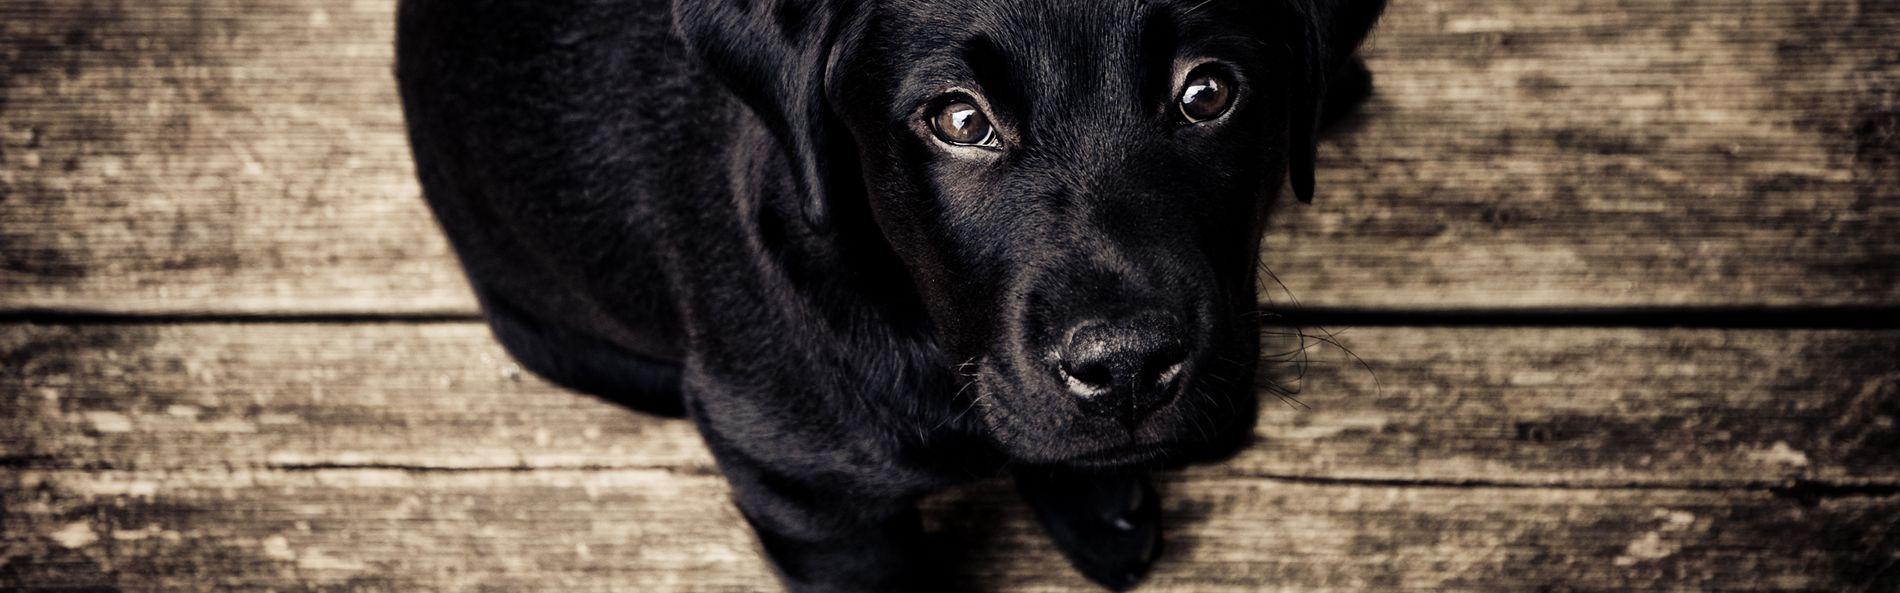 Wie entfernt man Ohrmilben bei seinem Hund?